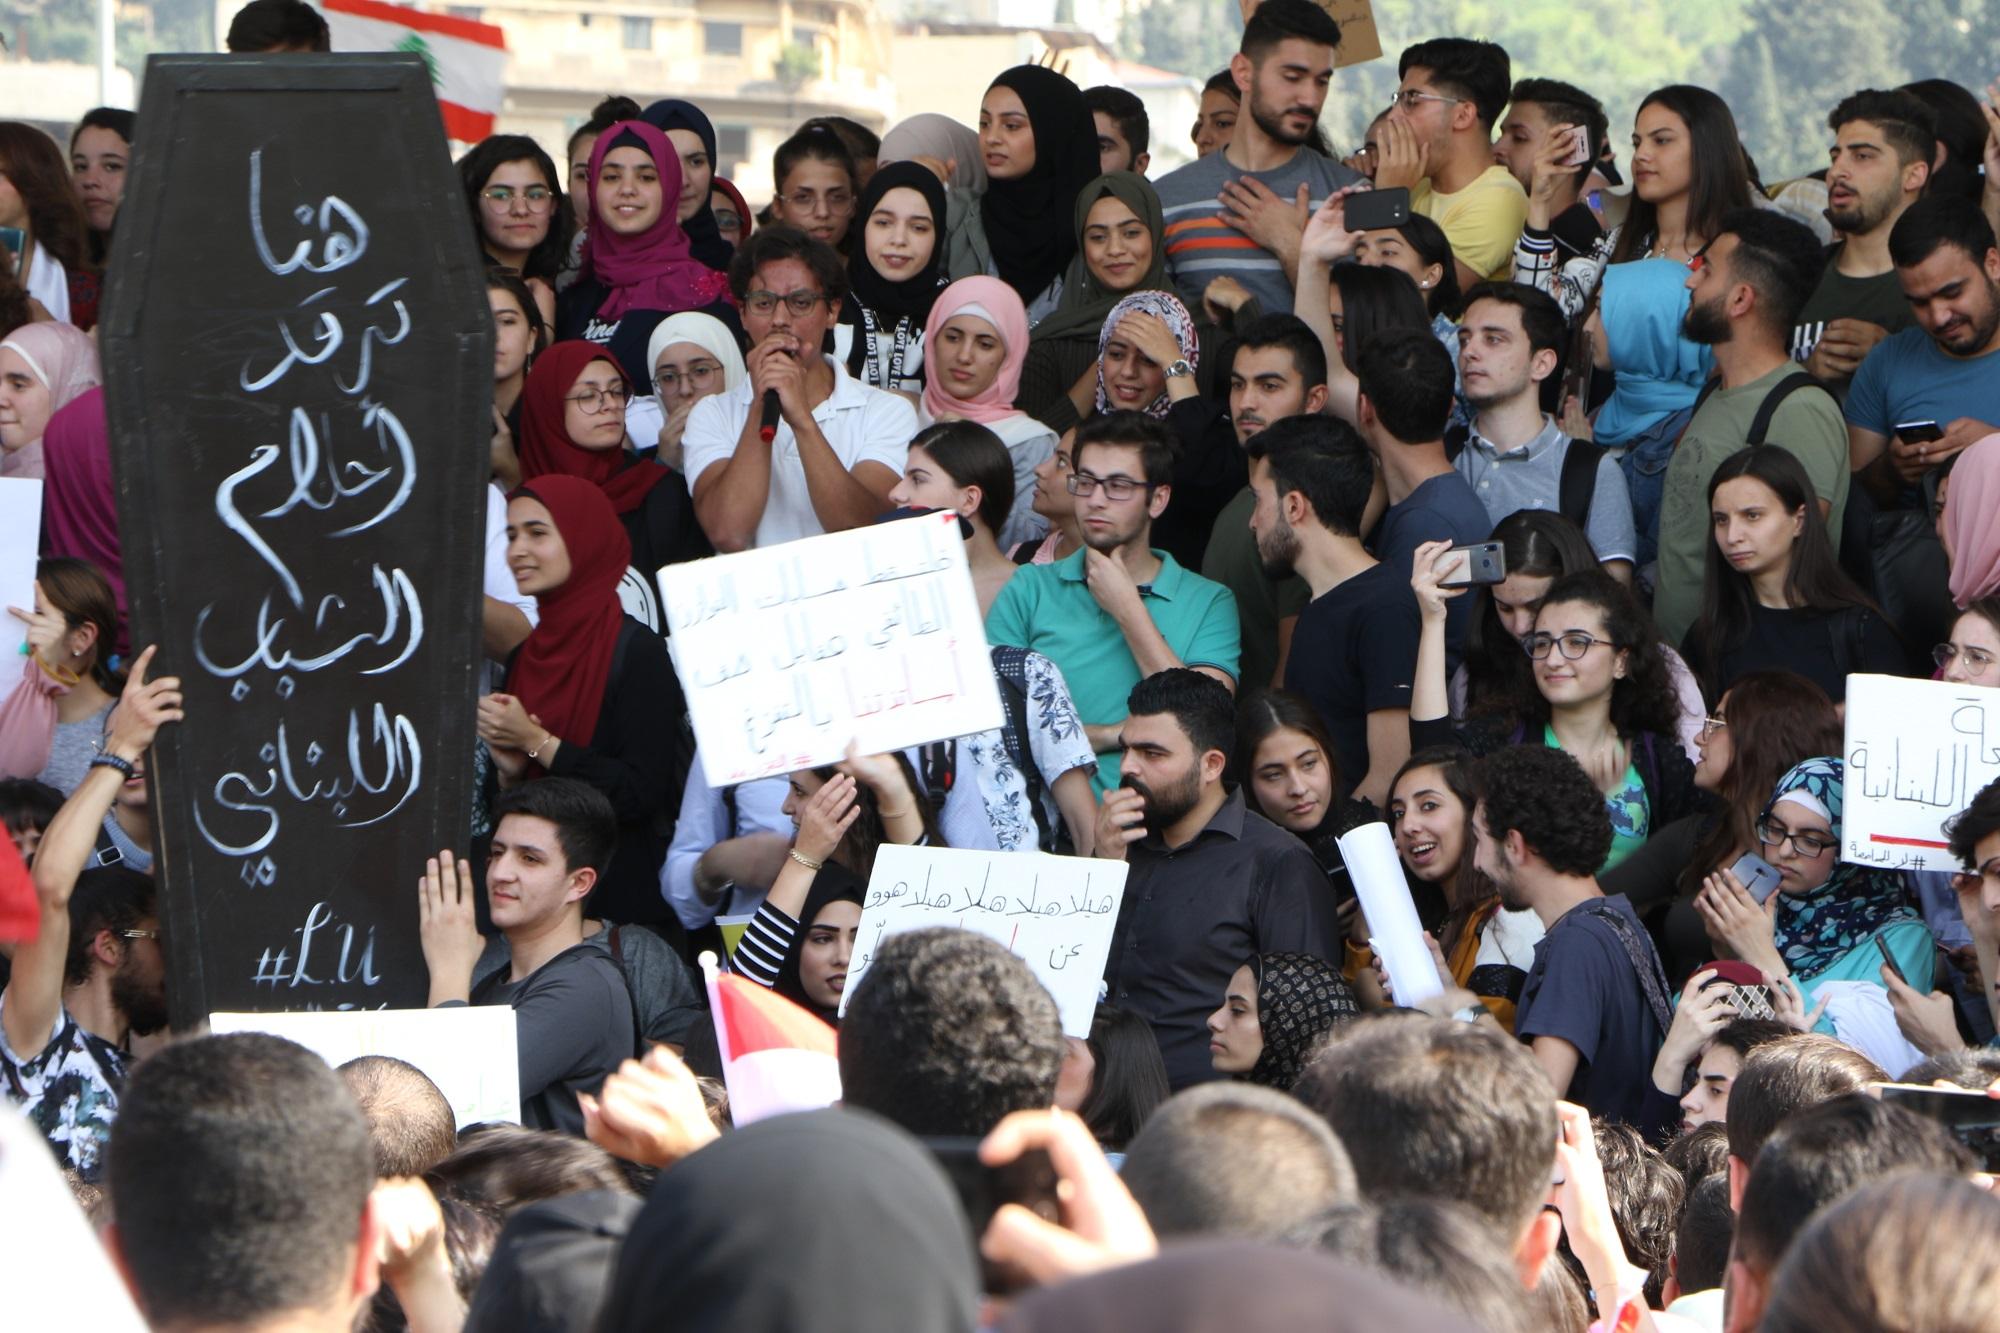 تظاهرة طلّاب اللبنانيّة – فرع الحدت: جيل فرج الله حنين يعلن الجامعة خطّا أحمرا